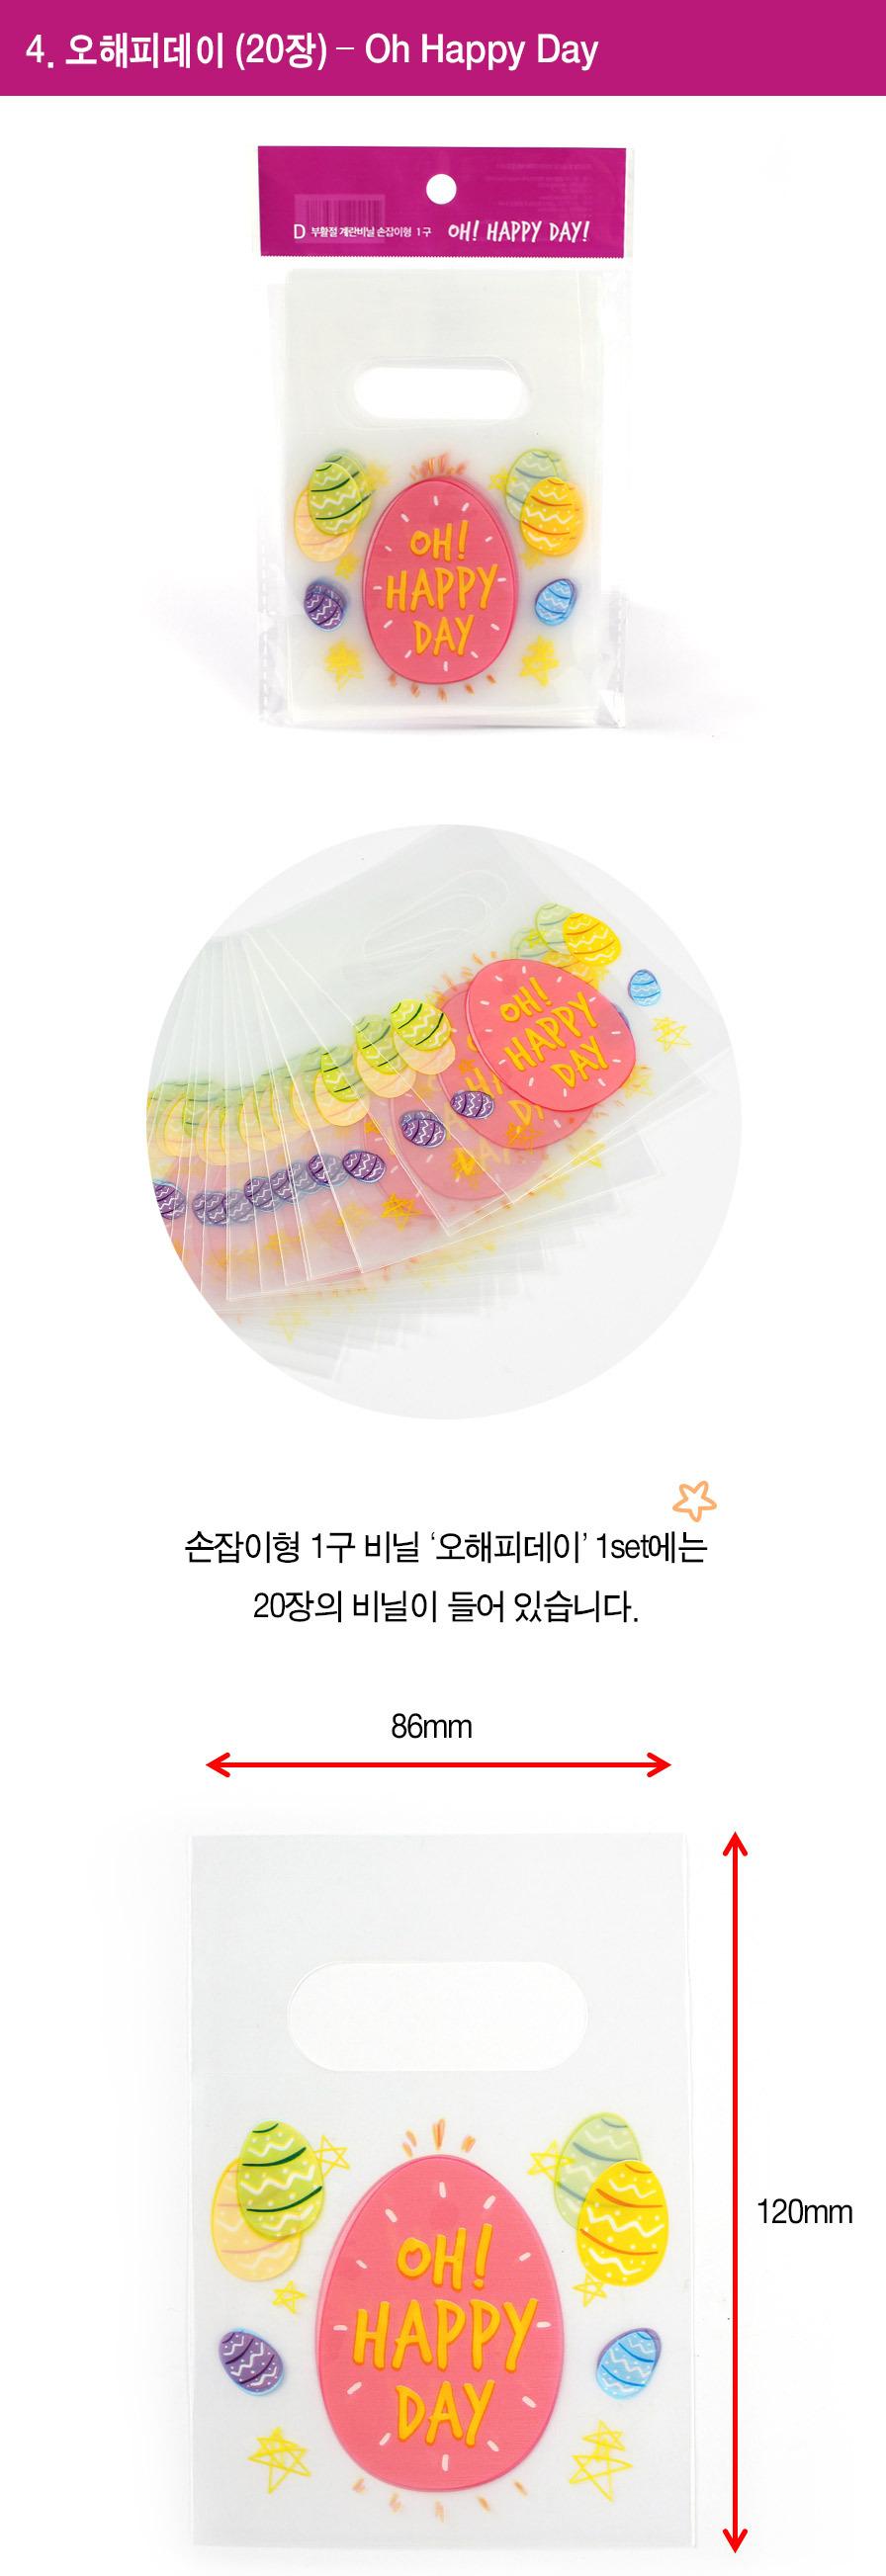 부활절 교회선물 포장재 1구 손잡이비닐 4종 - 4.오해피데이 상세보기